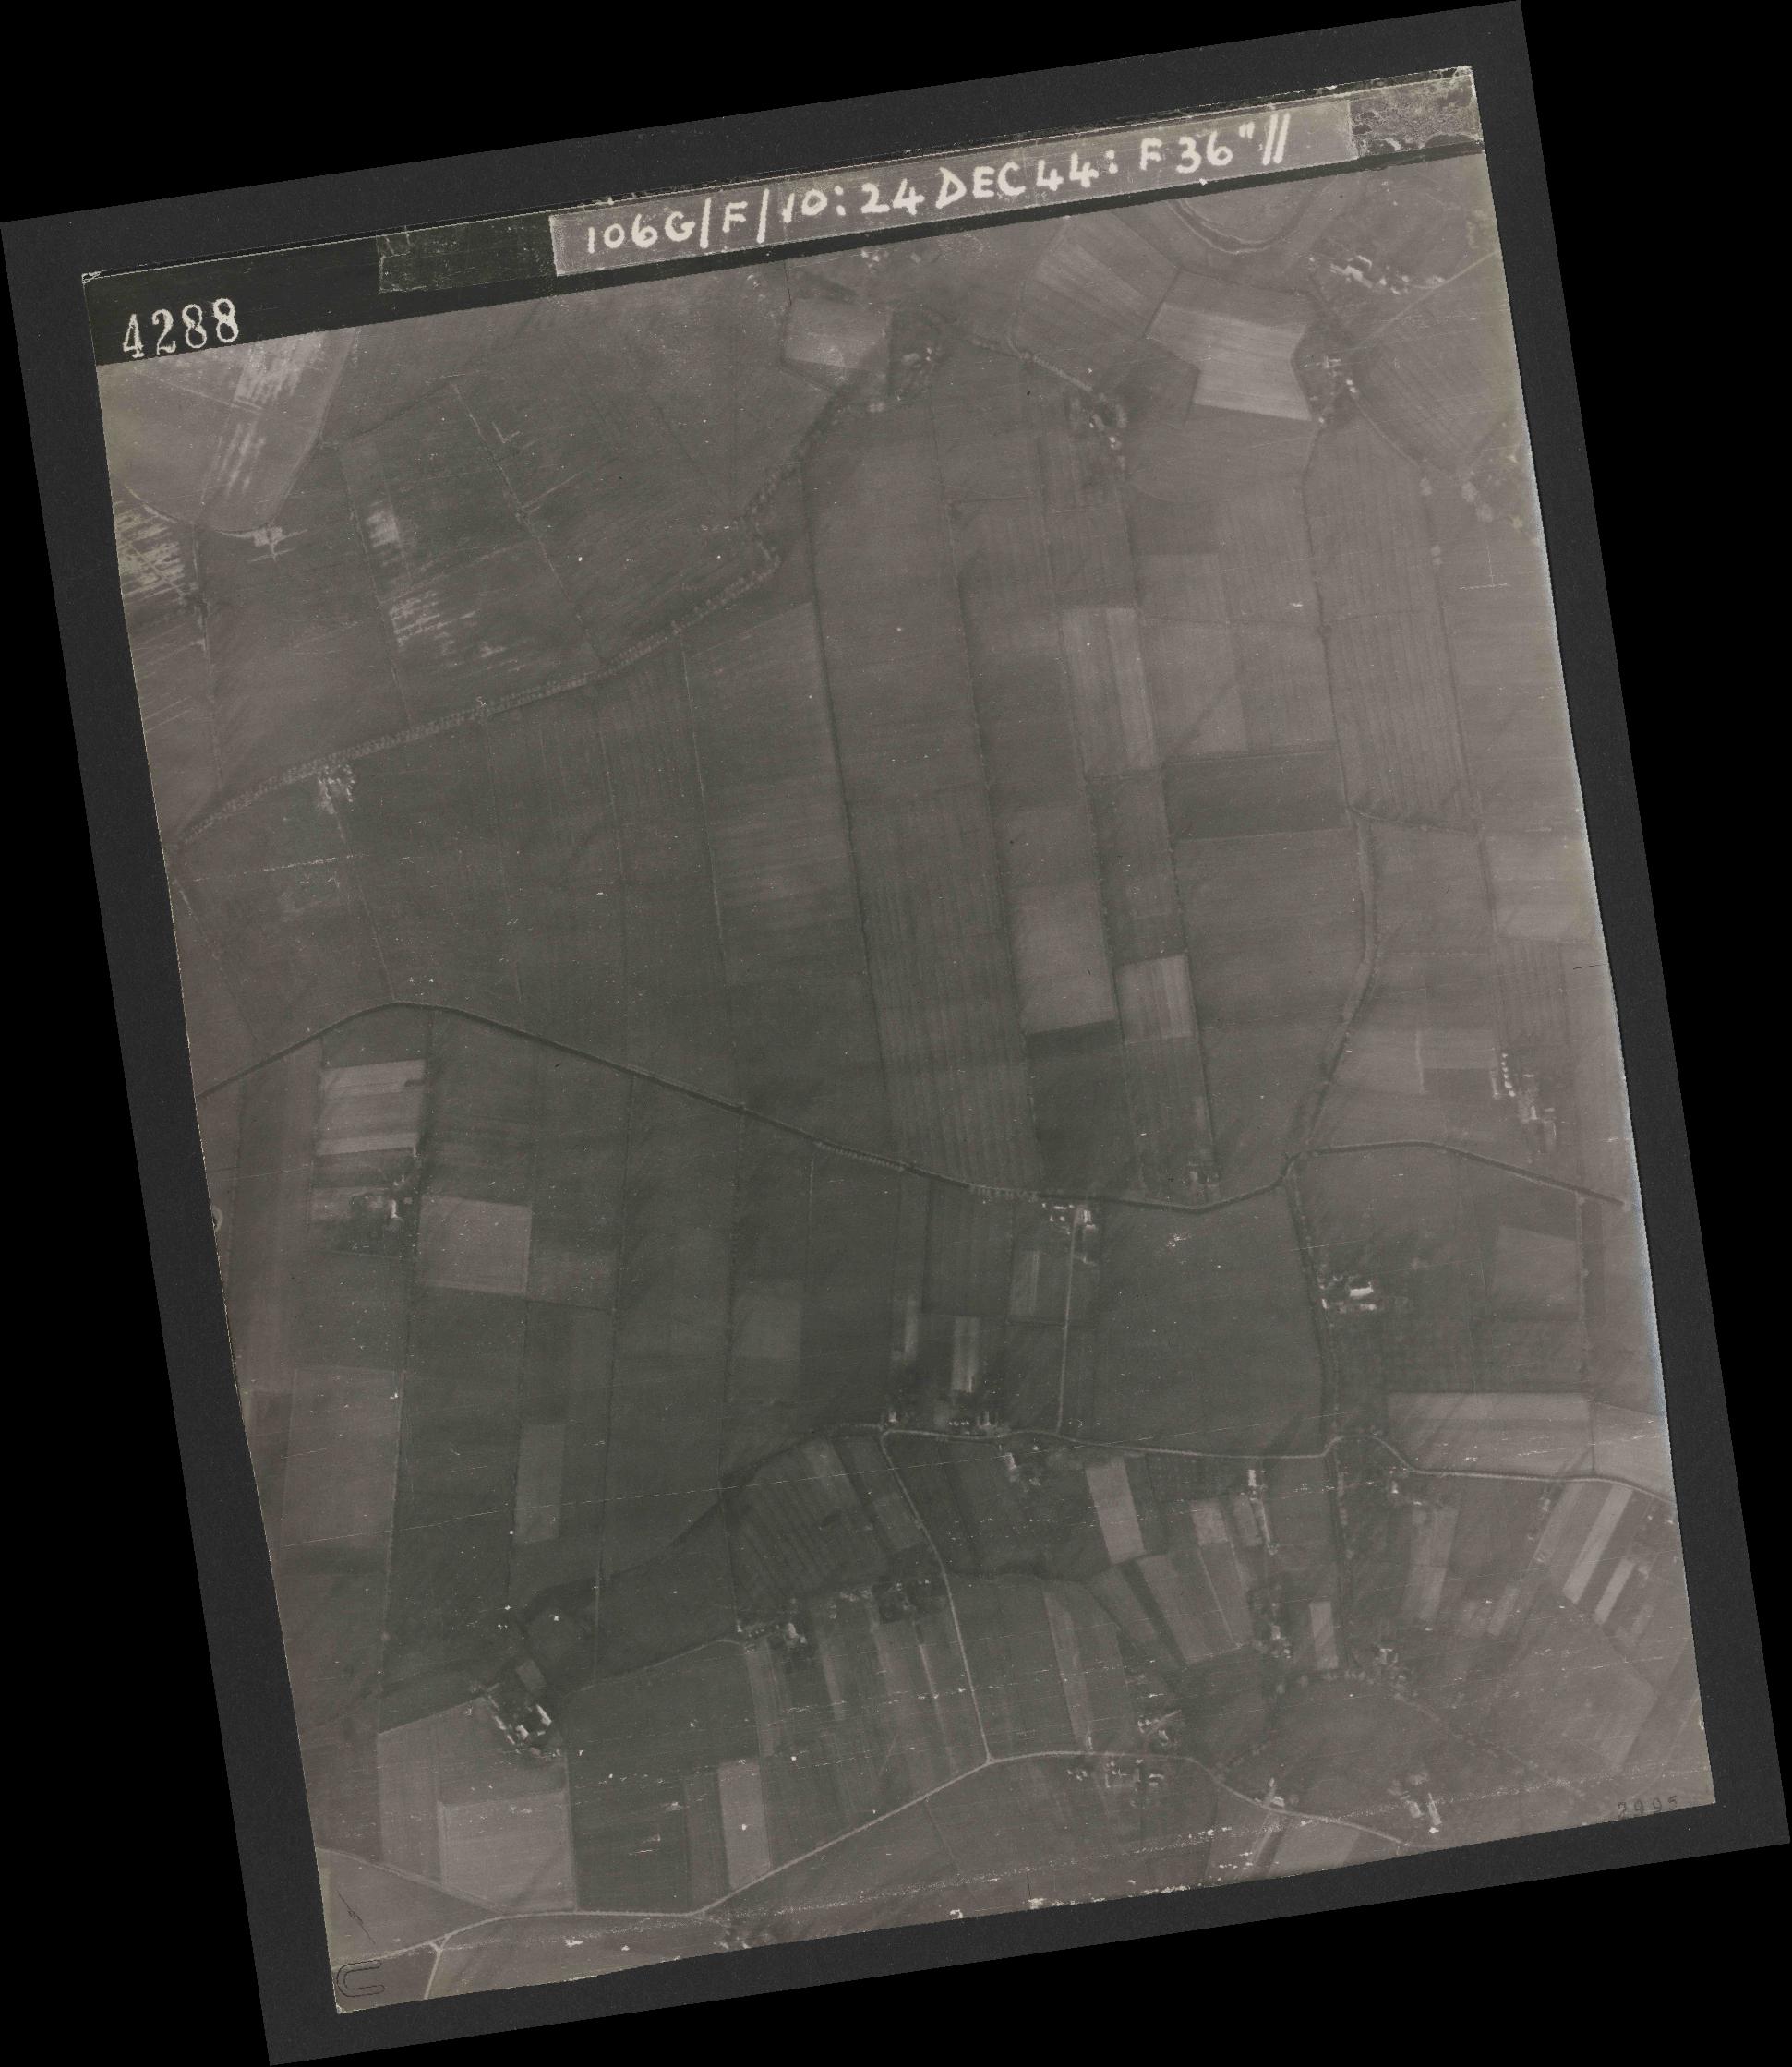 Collection RAF aerial photos 1940-1945 - flight 320, run 08, photo 4288